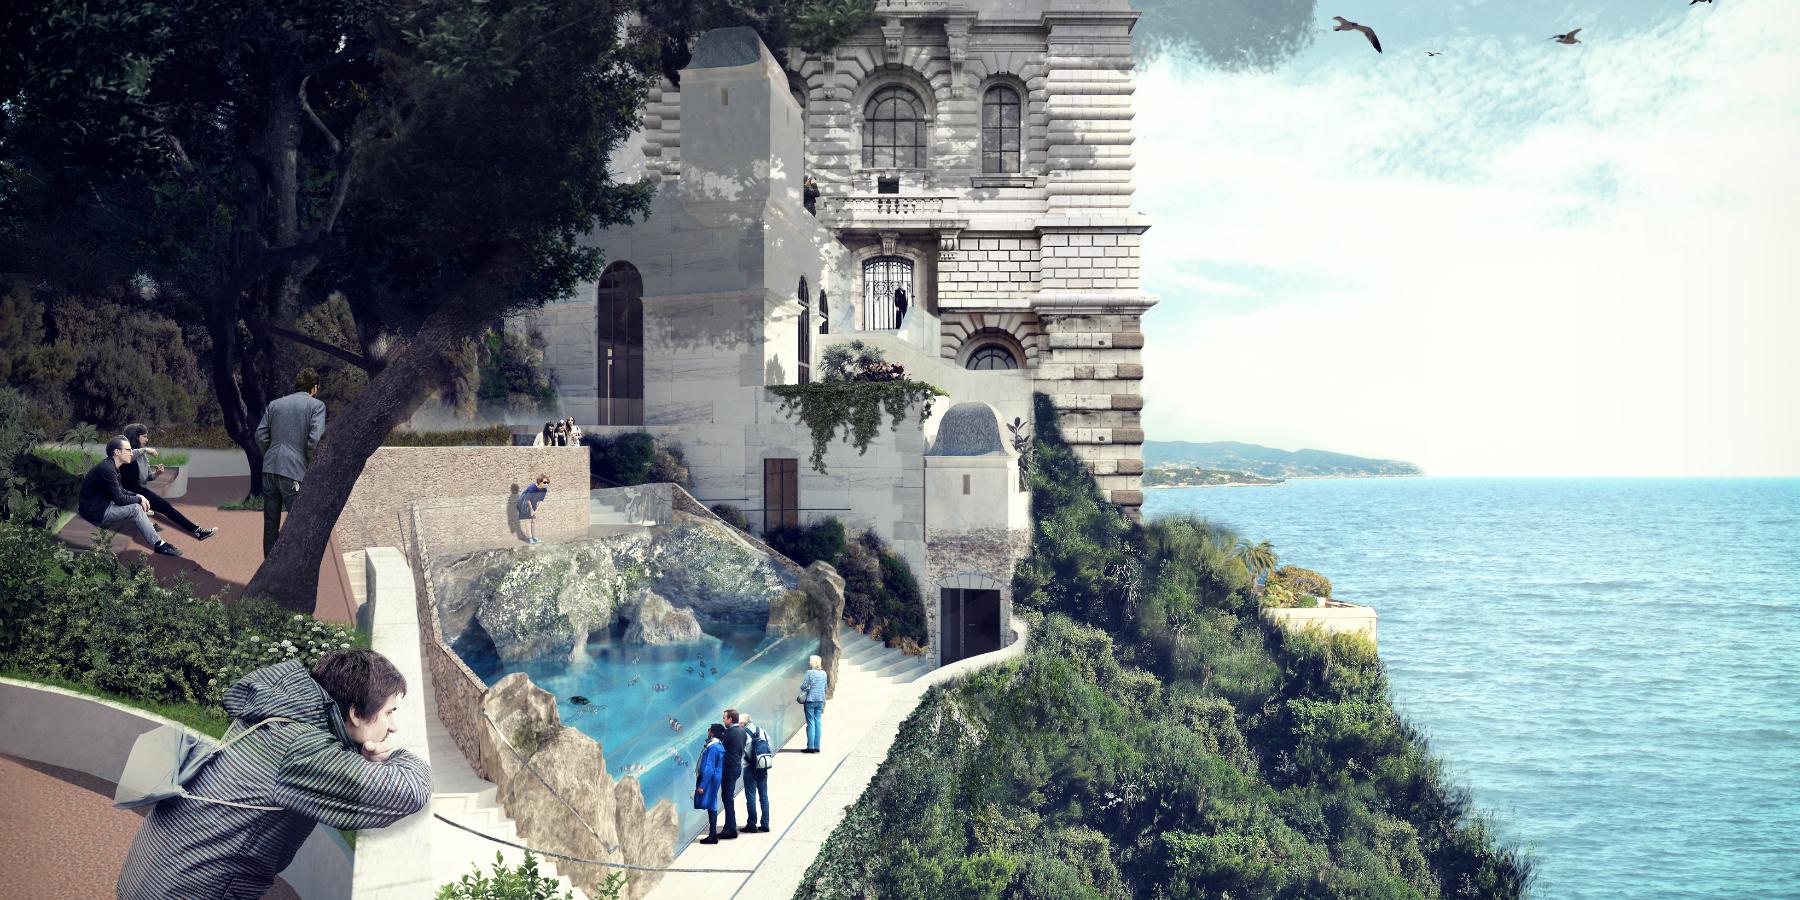 Vue depuis hotel insectes - Un centre de soin pour les tortues de mer en projet à Monaco